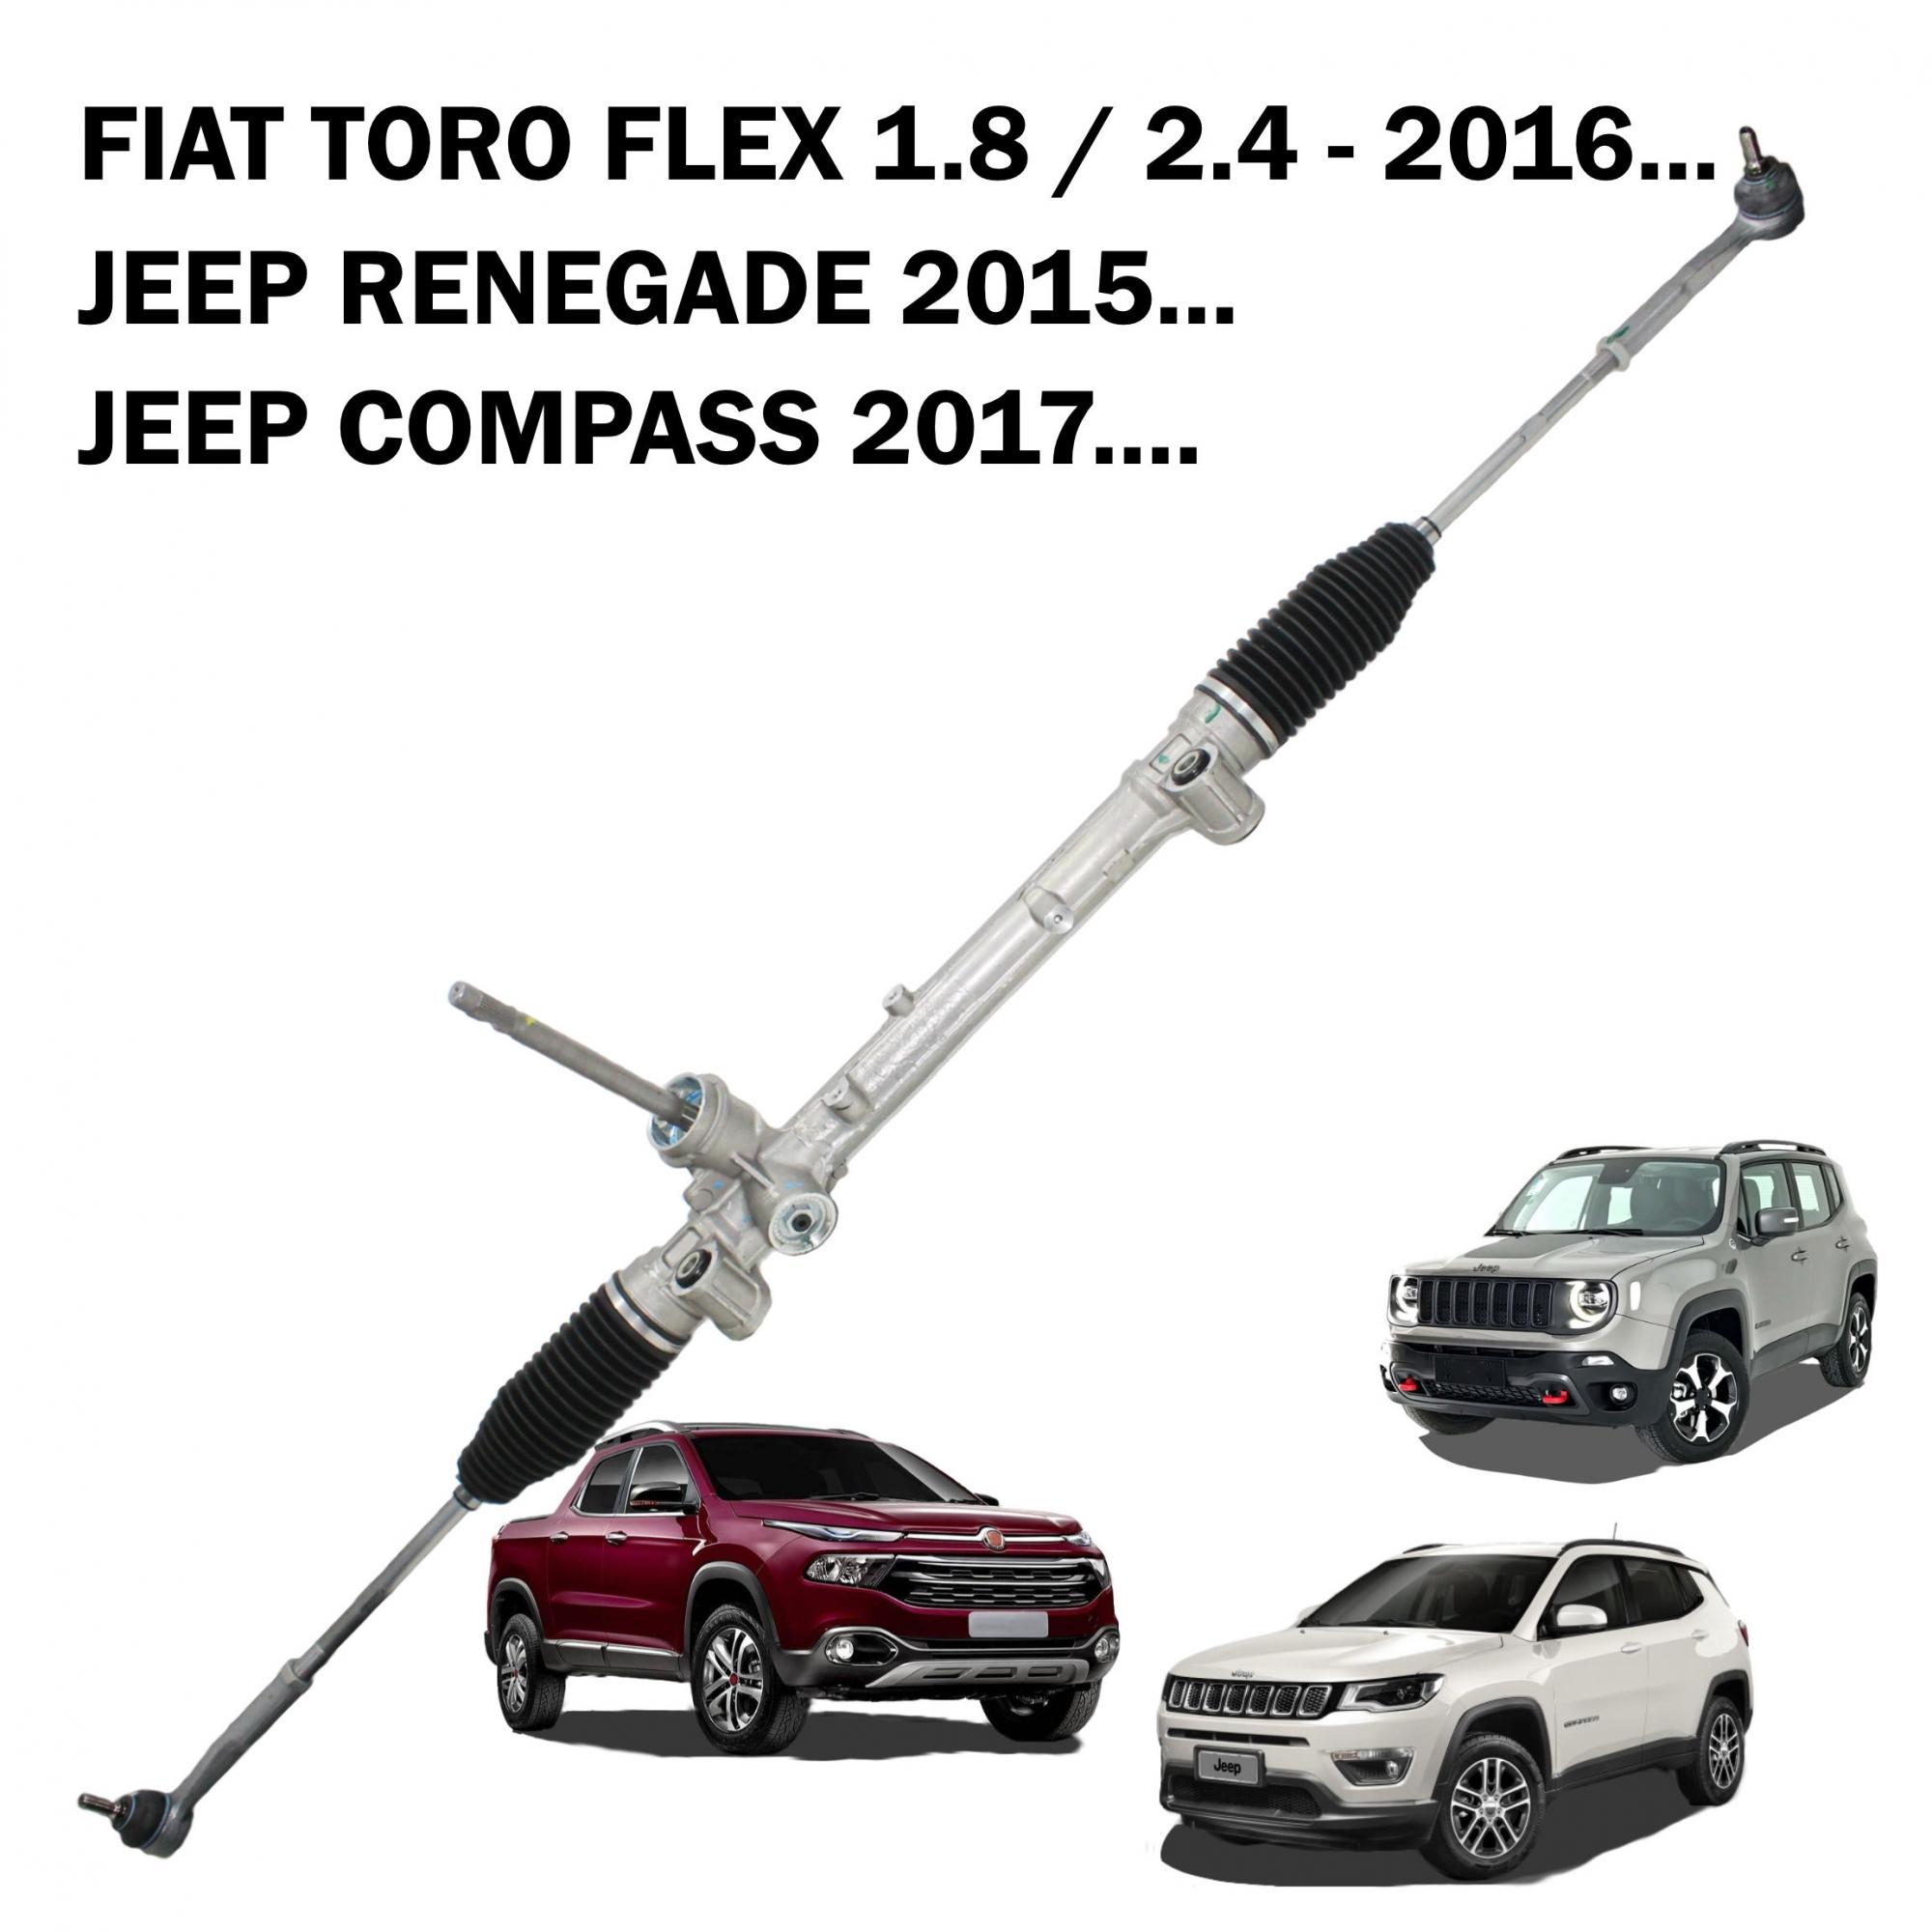 Caixa Direção Mopar/TRW Jeep Renegade 2015..., Compass 2017..., Toro 1.8 2.4 53426445